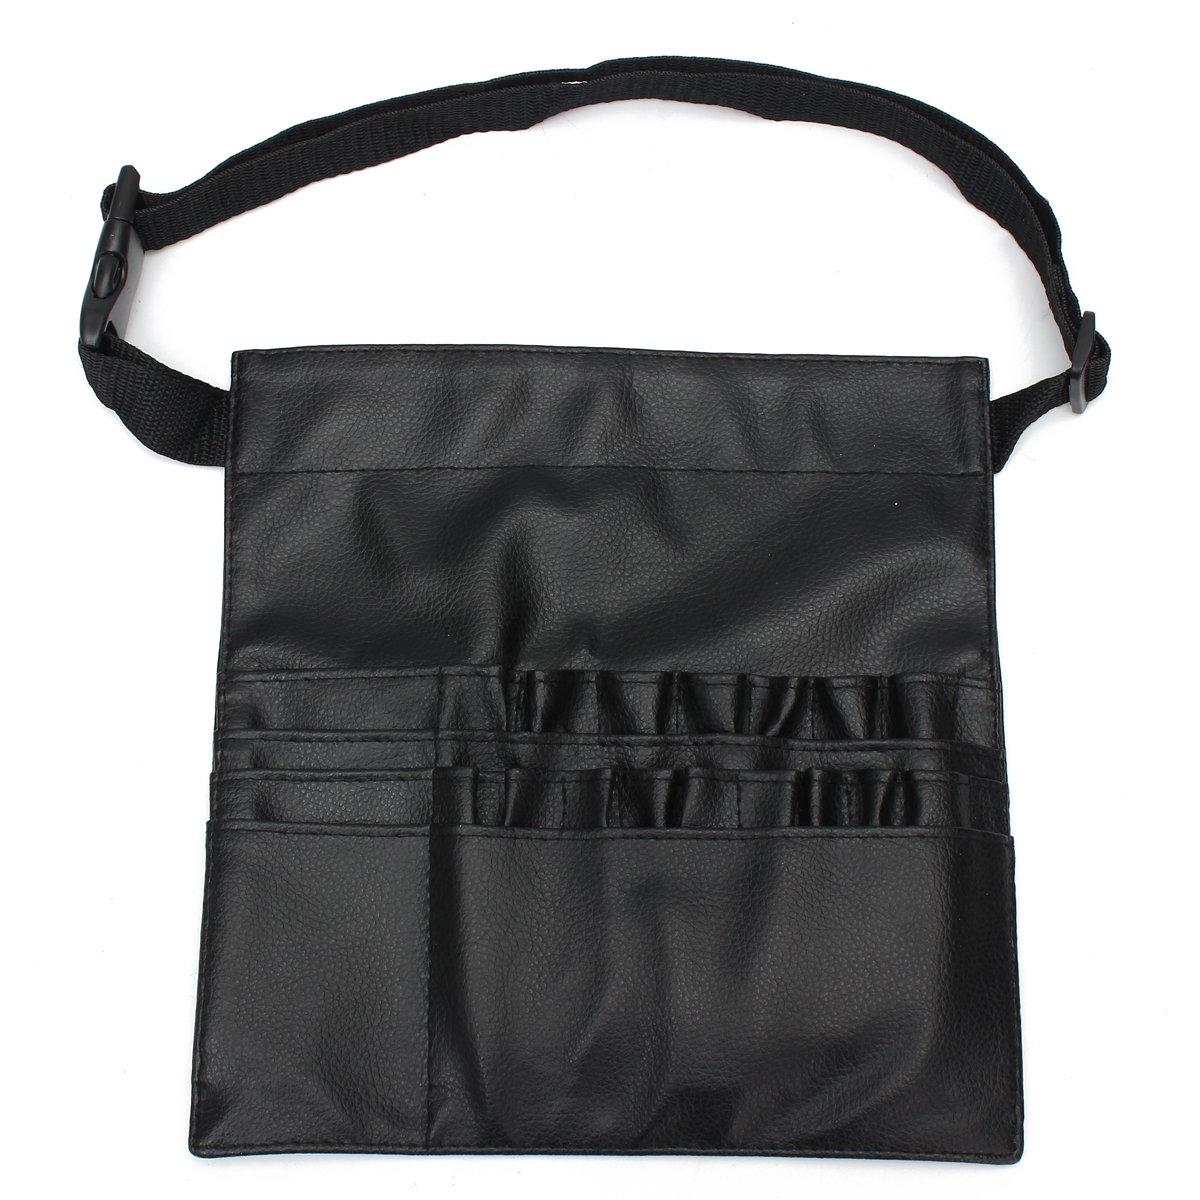 PU porta borsa custodia portatile 22tasche pennelli professionale con cinghia da polso (pennelli non inclusi) dDanke